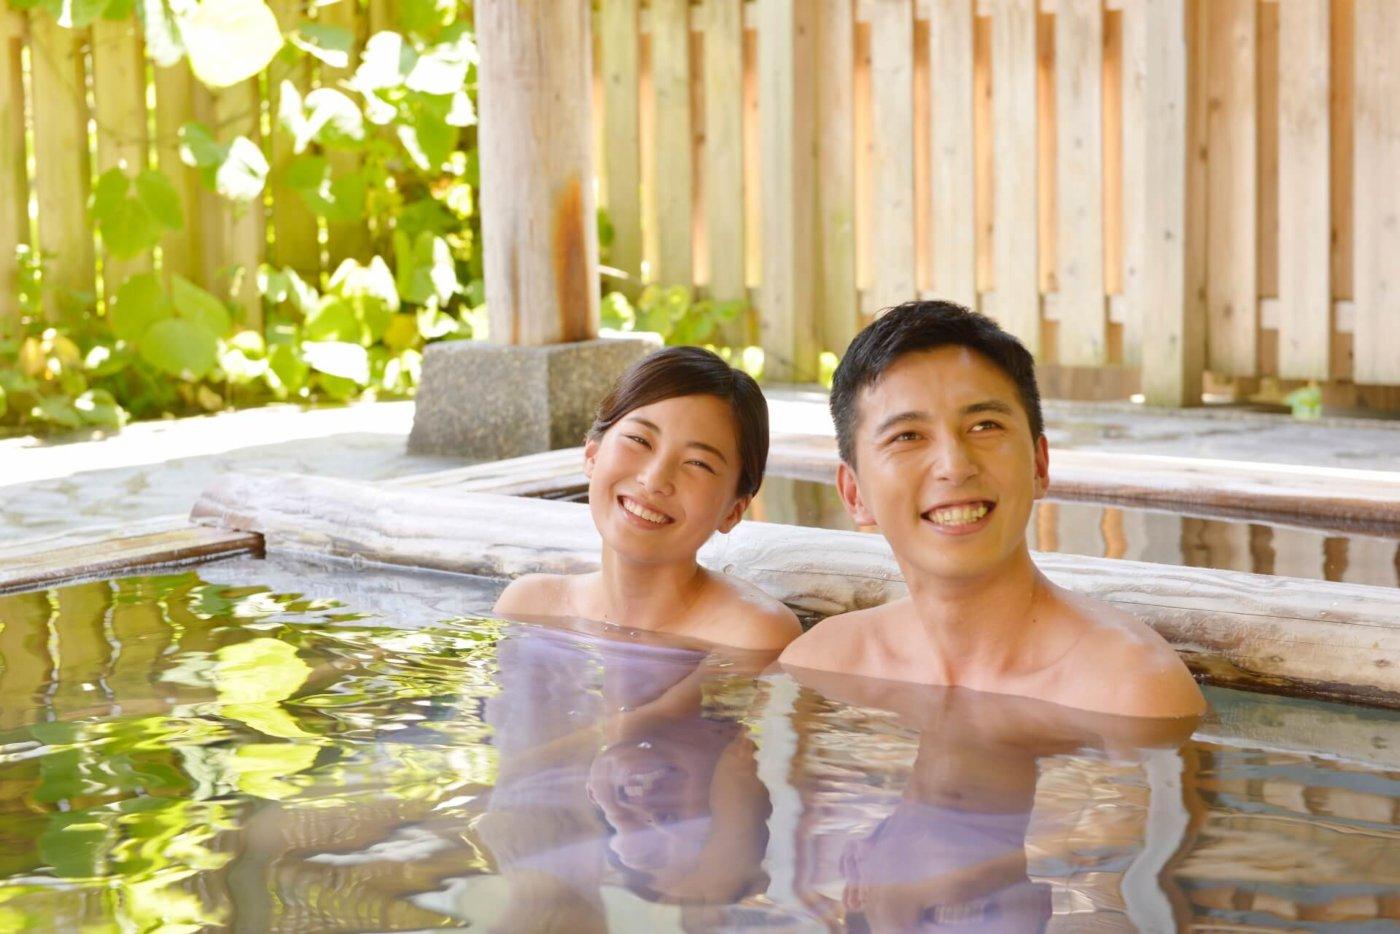 寒いときは温泉が良い!効能もいろいろあるよね?